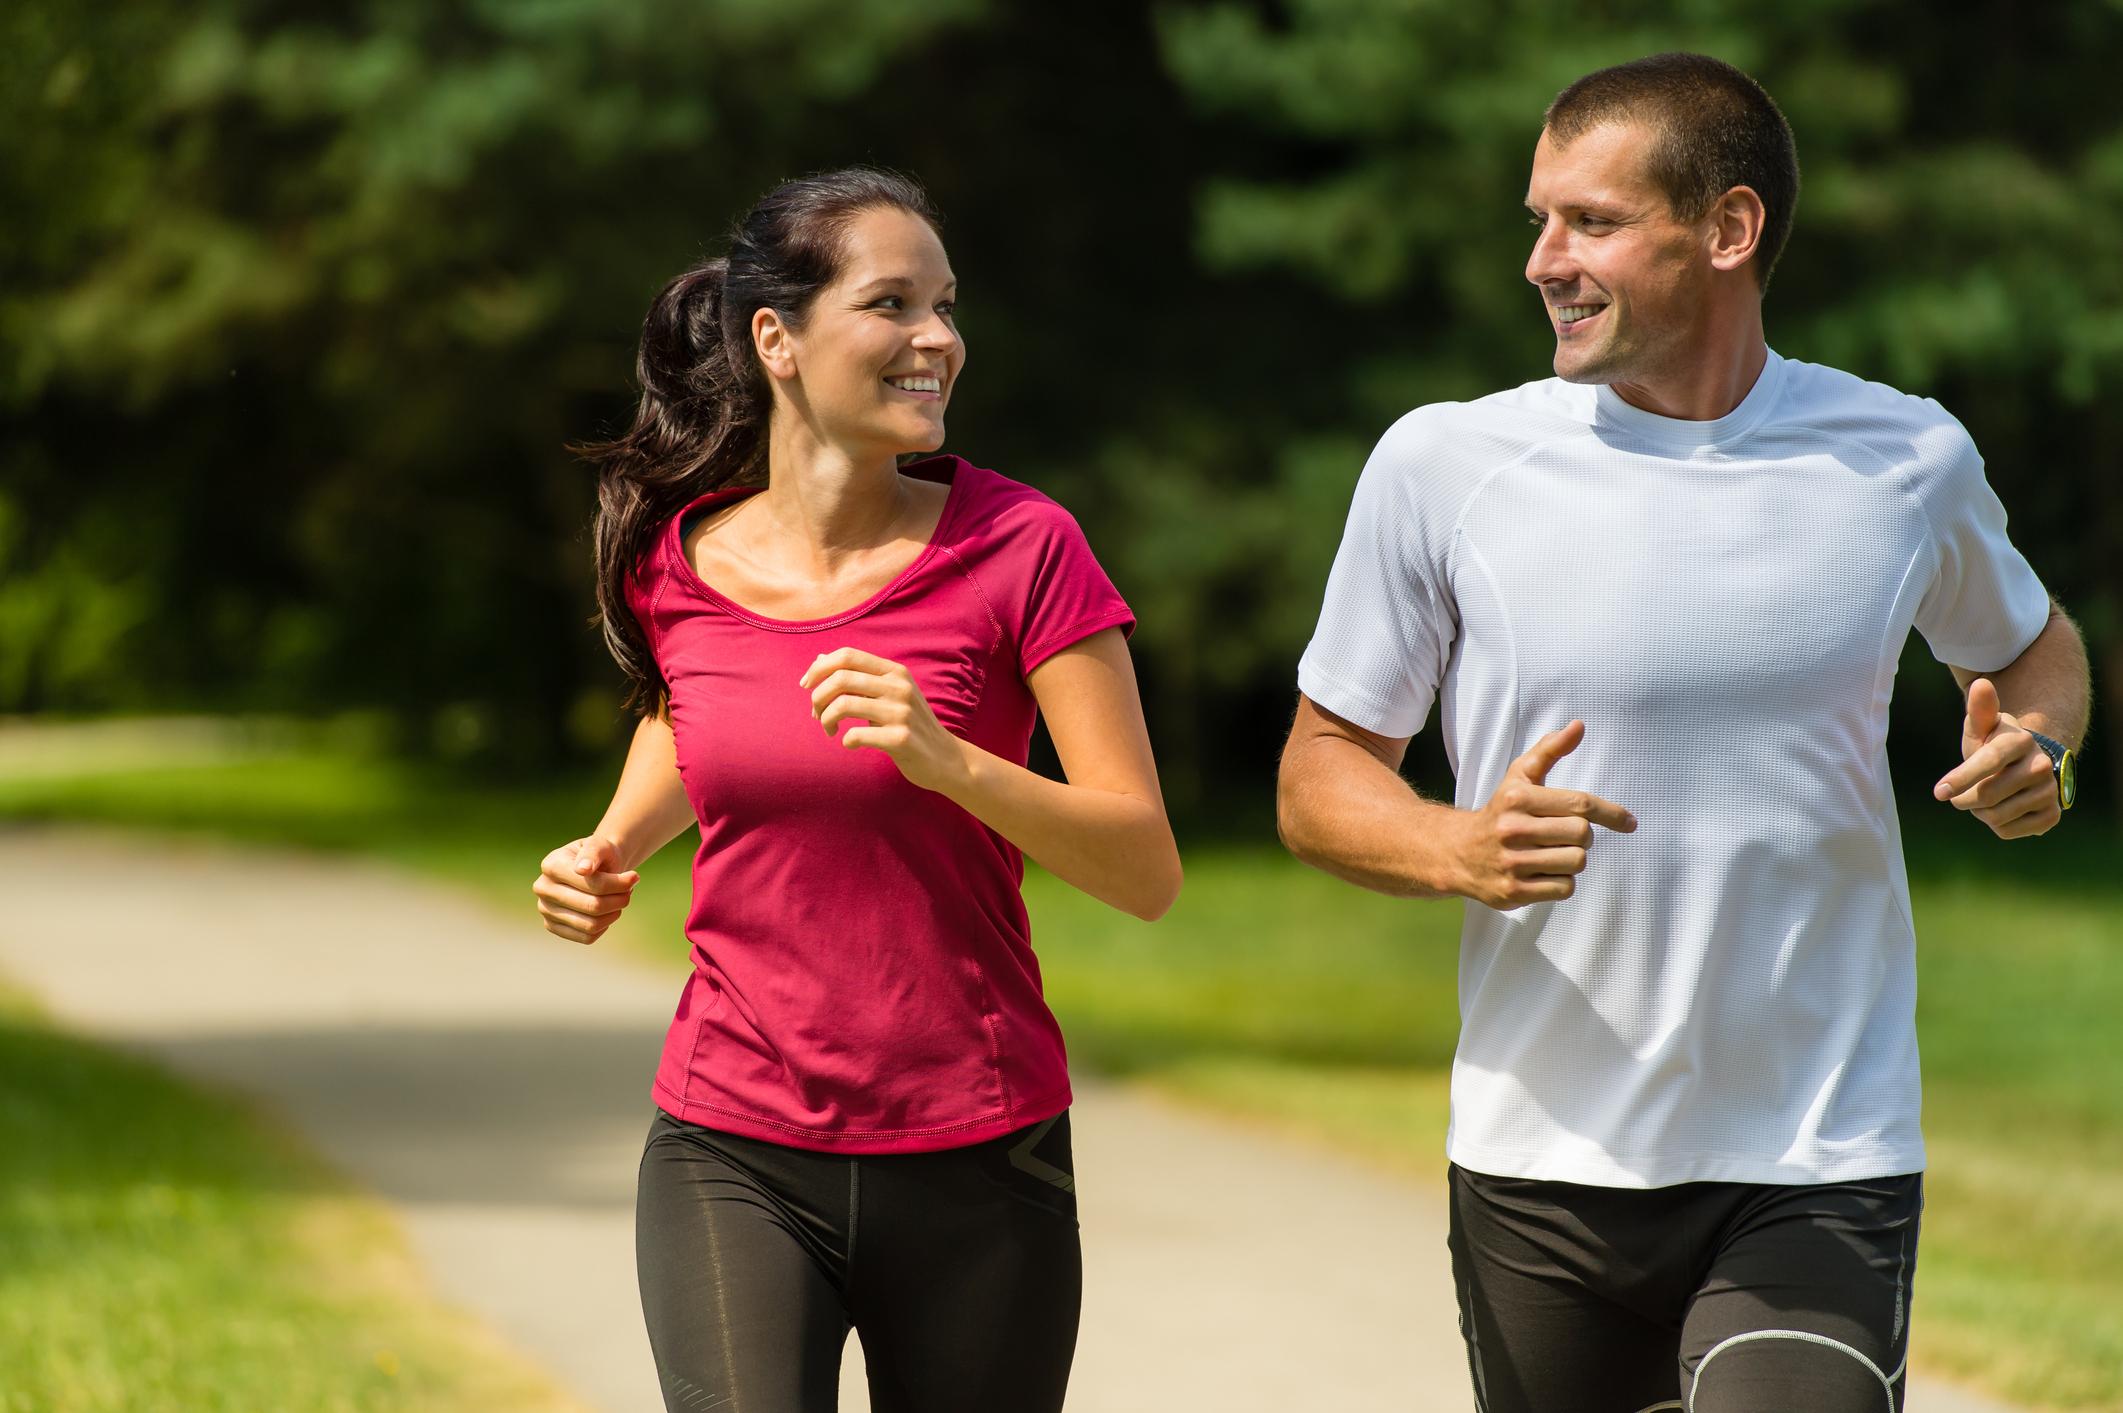 Περπάτημα, τζόκινγκ, τρέξιμο και οστεοαρθρίτιδα